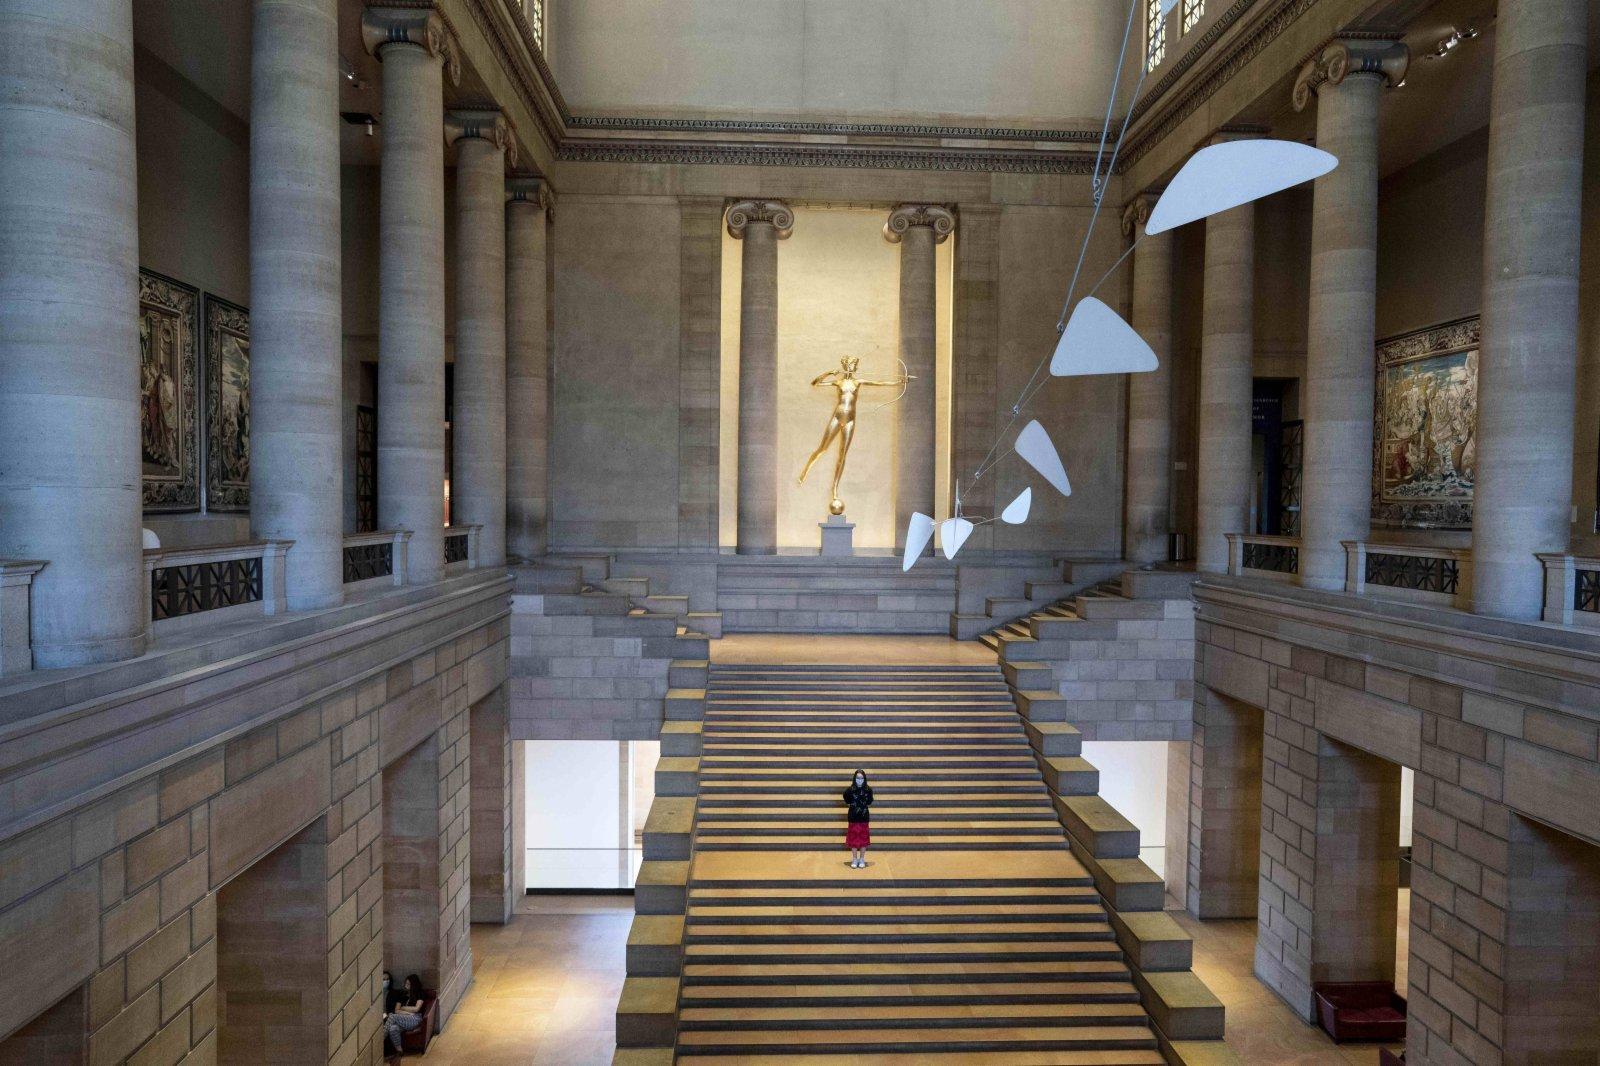 5月31日,一名女子在位於美國賓夕法尼亞州費城的費城藝術博物館參觀。(新華社)